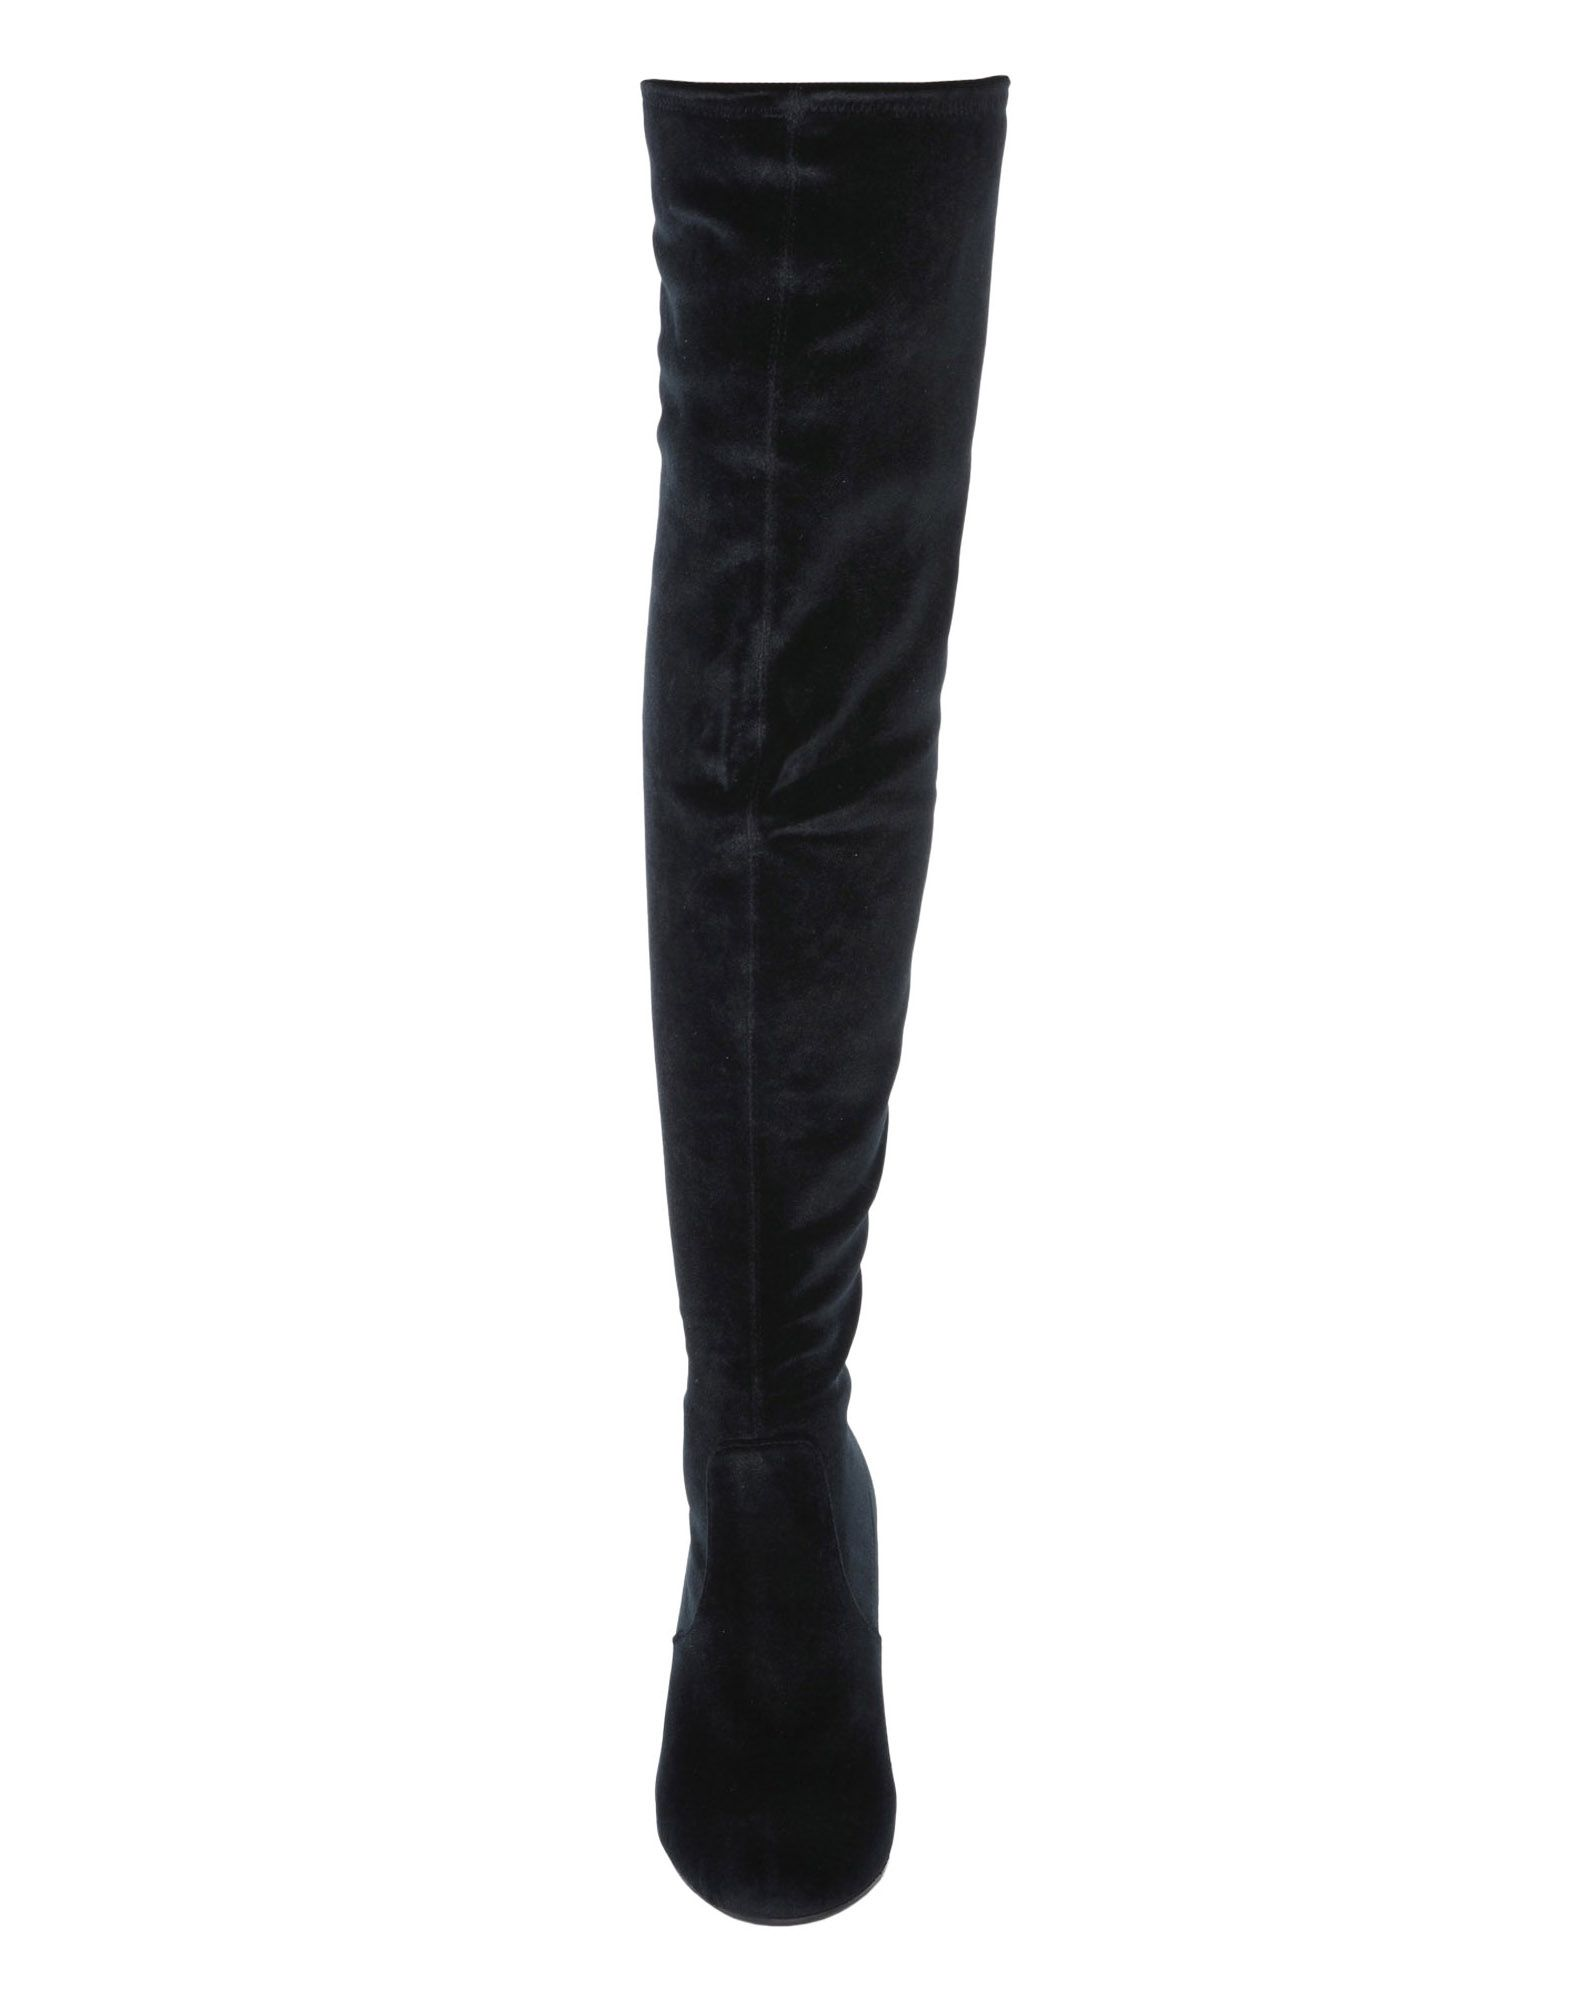 Stilvolle billige Schuhe Steve Madden 11360267RJ Stiefel Damen  11360267RJ Madden 8e5c75